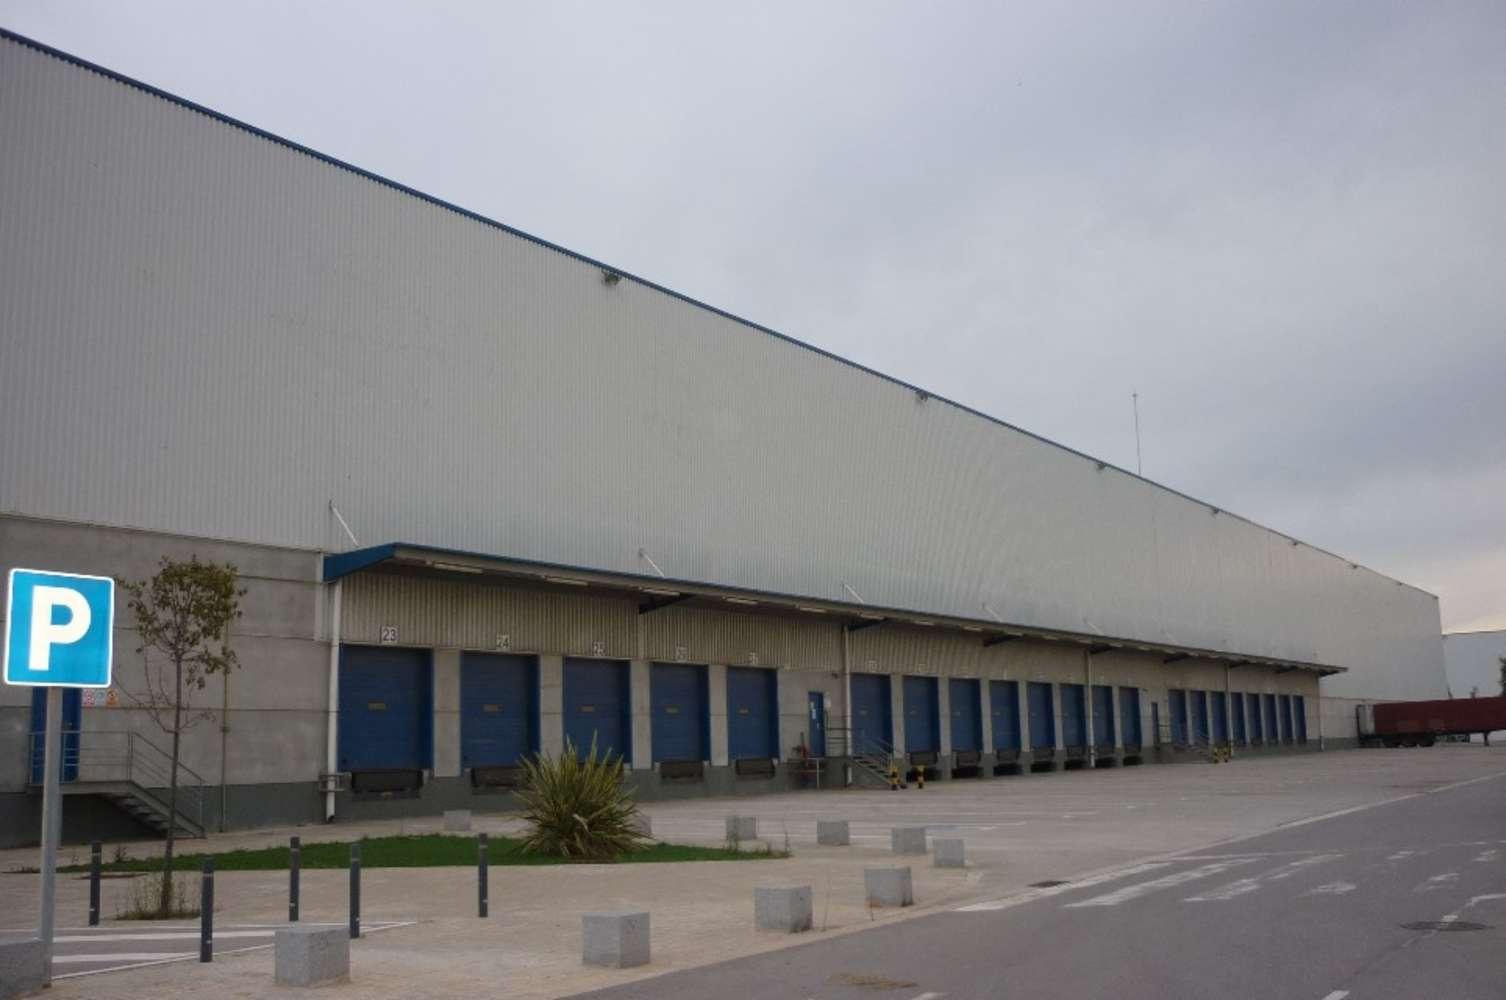 Naves industriales y logísticas Barcelona, 08040 - Nave Logística - B0047 - ZAL I PUERTO DE BARCELONA - 3328